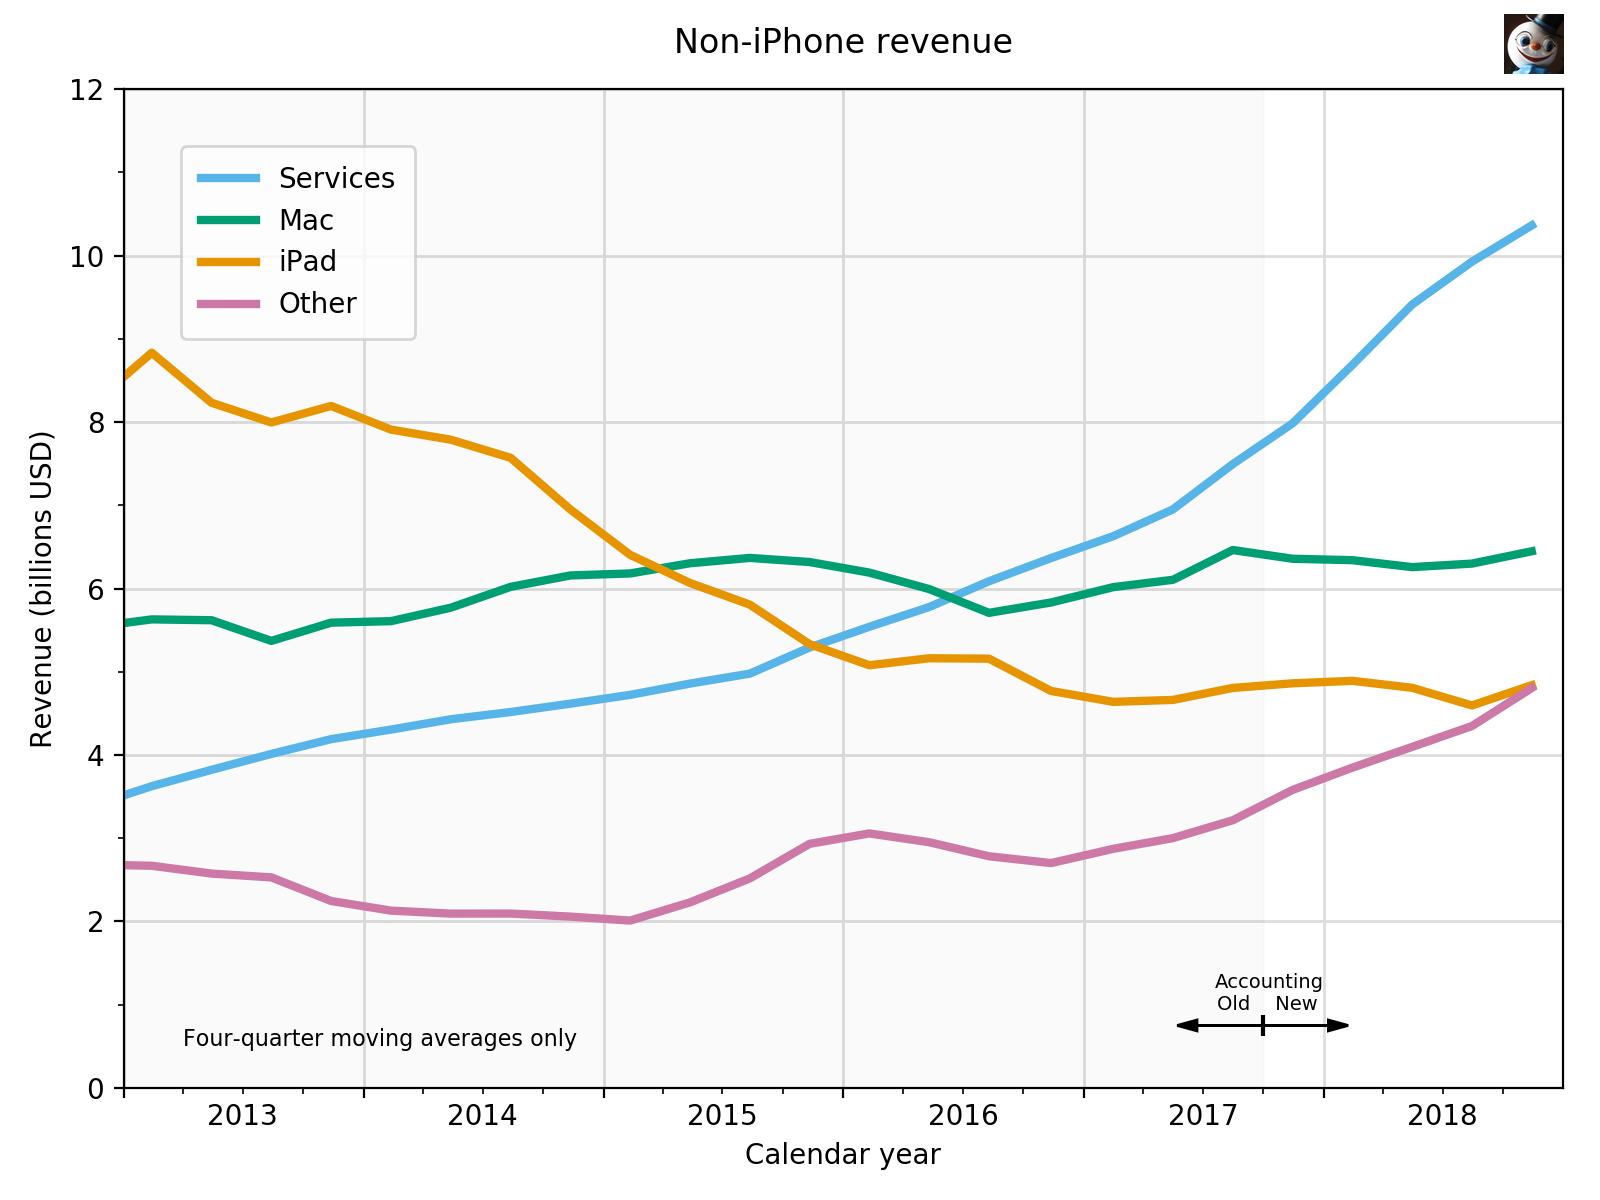 Non-iPhone revenue